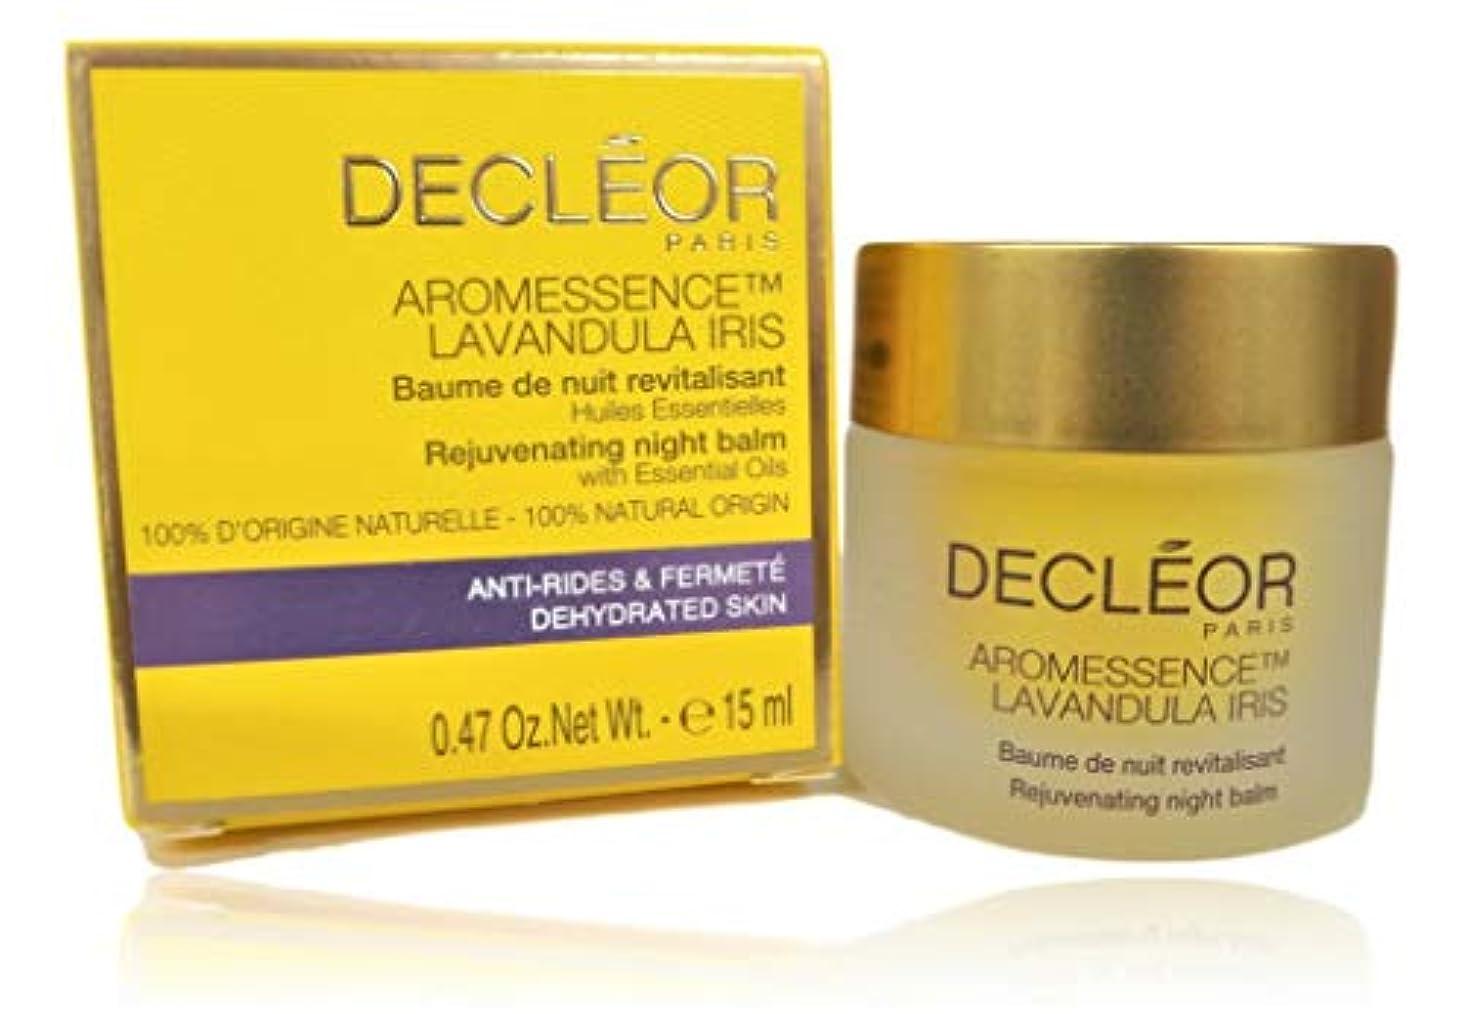 放置イル愛国的なデクレオール Aromessence Lavandula Iris Rejuvenating Night Balm - For Dehydrated Skin 15ml/0.47oz並行輸入品